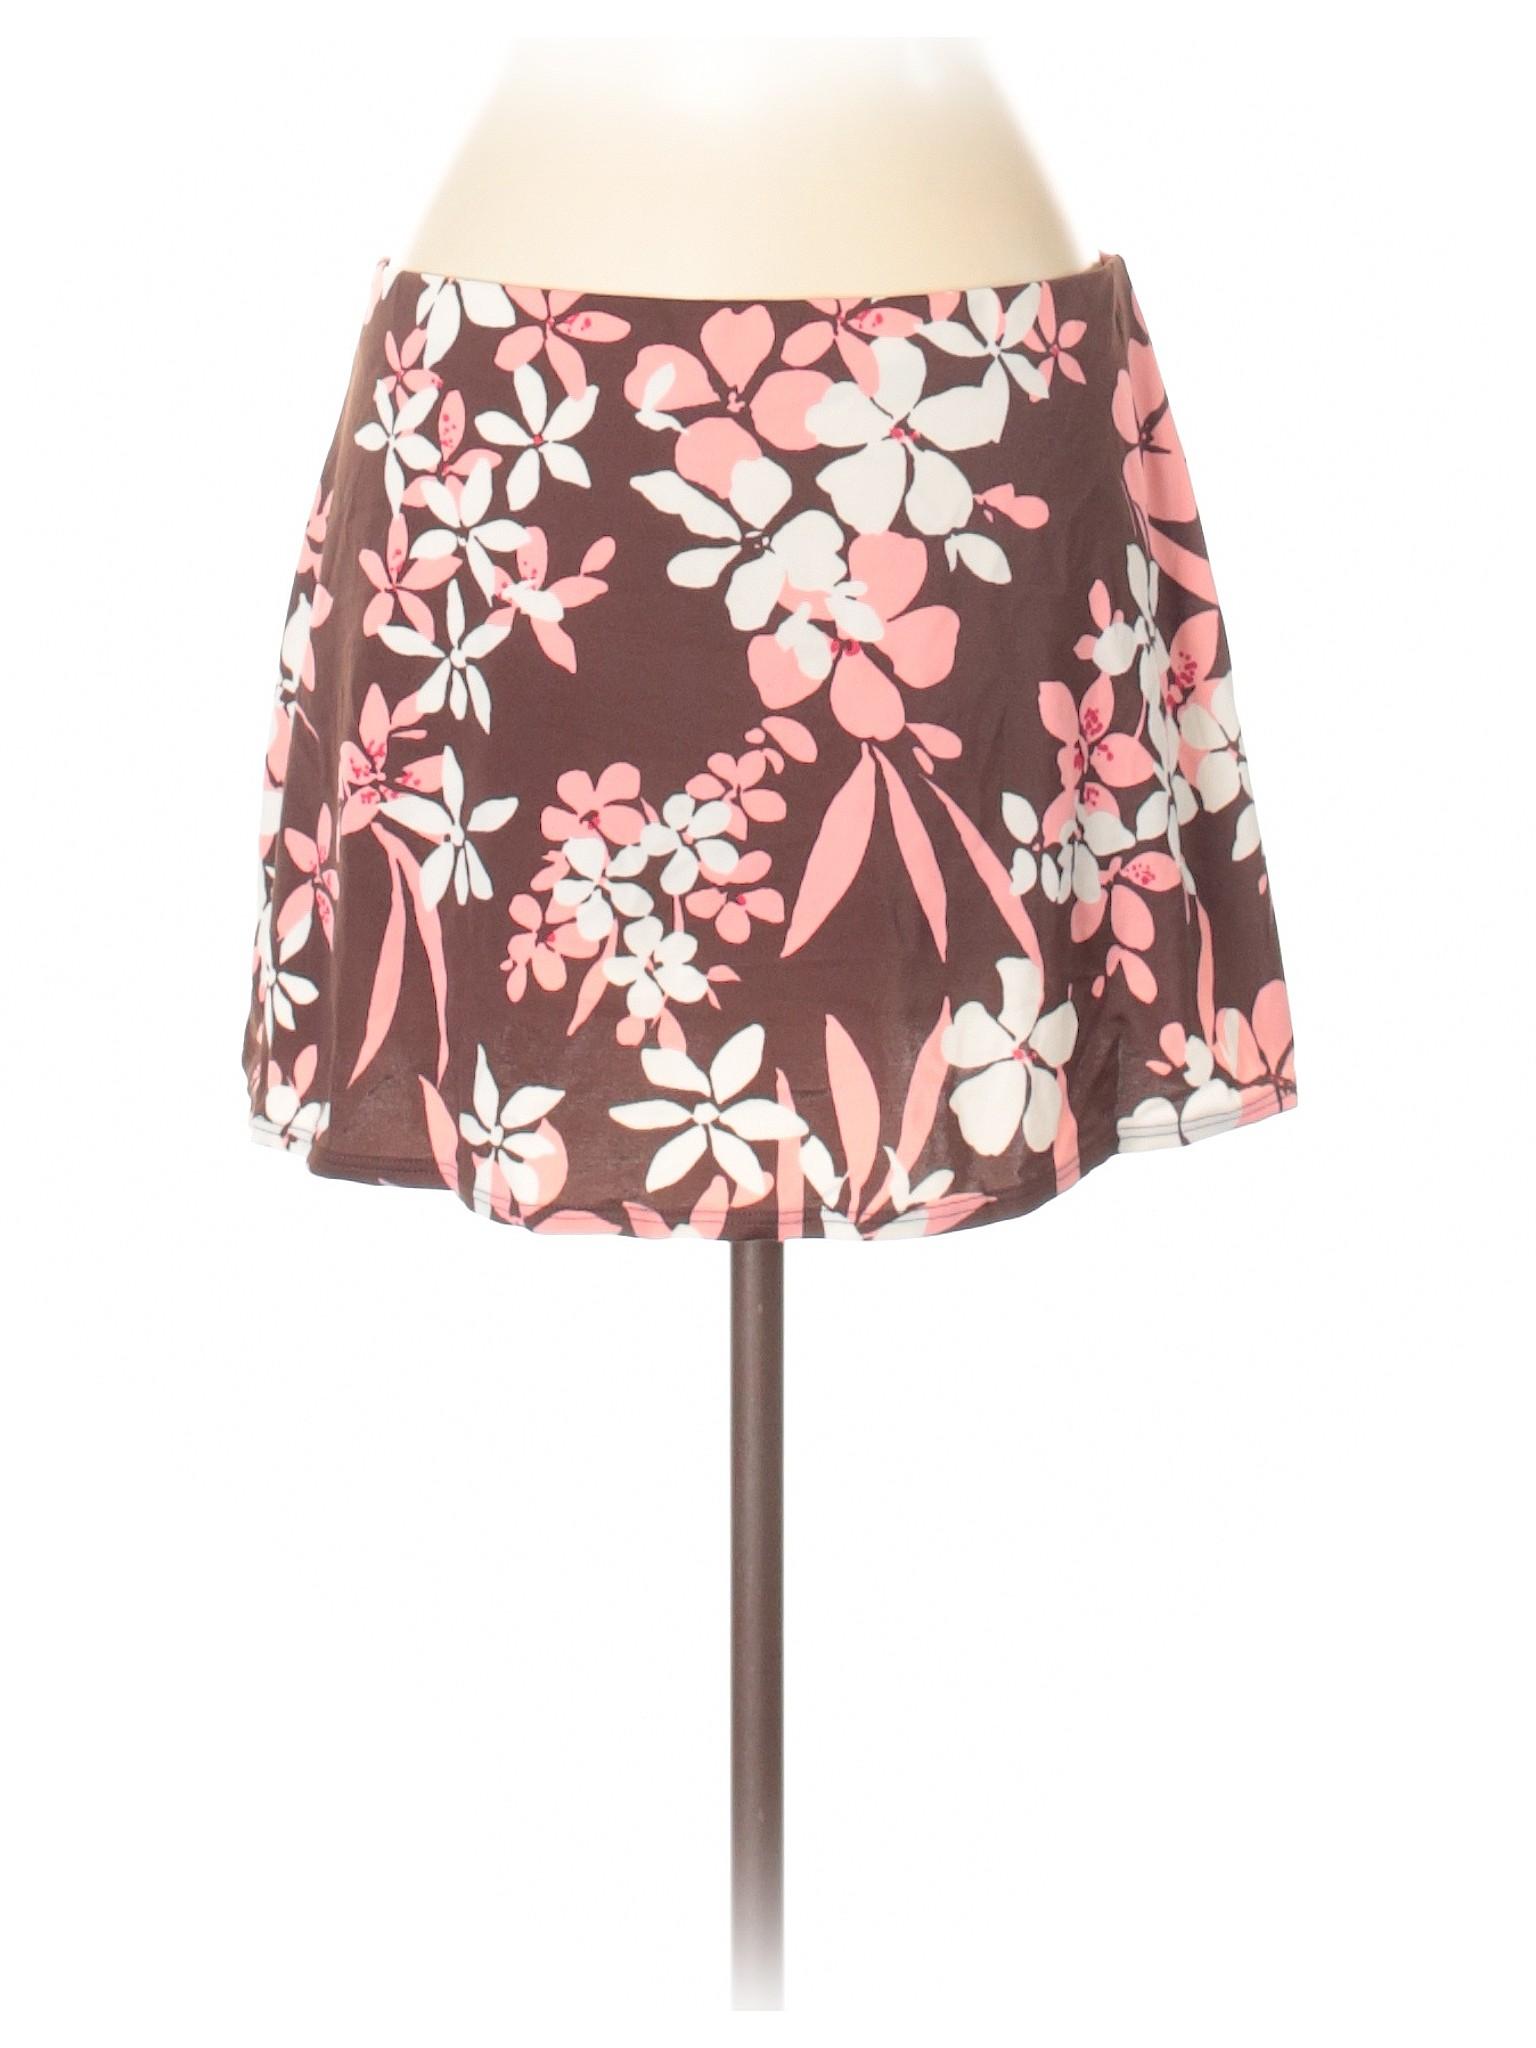 leisure Skirt Victoria's Secret Casual Boutique 7dqPOxw71